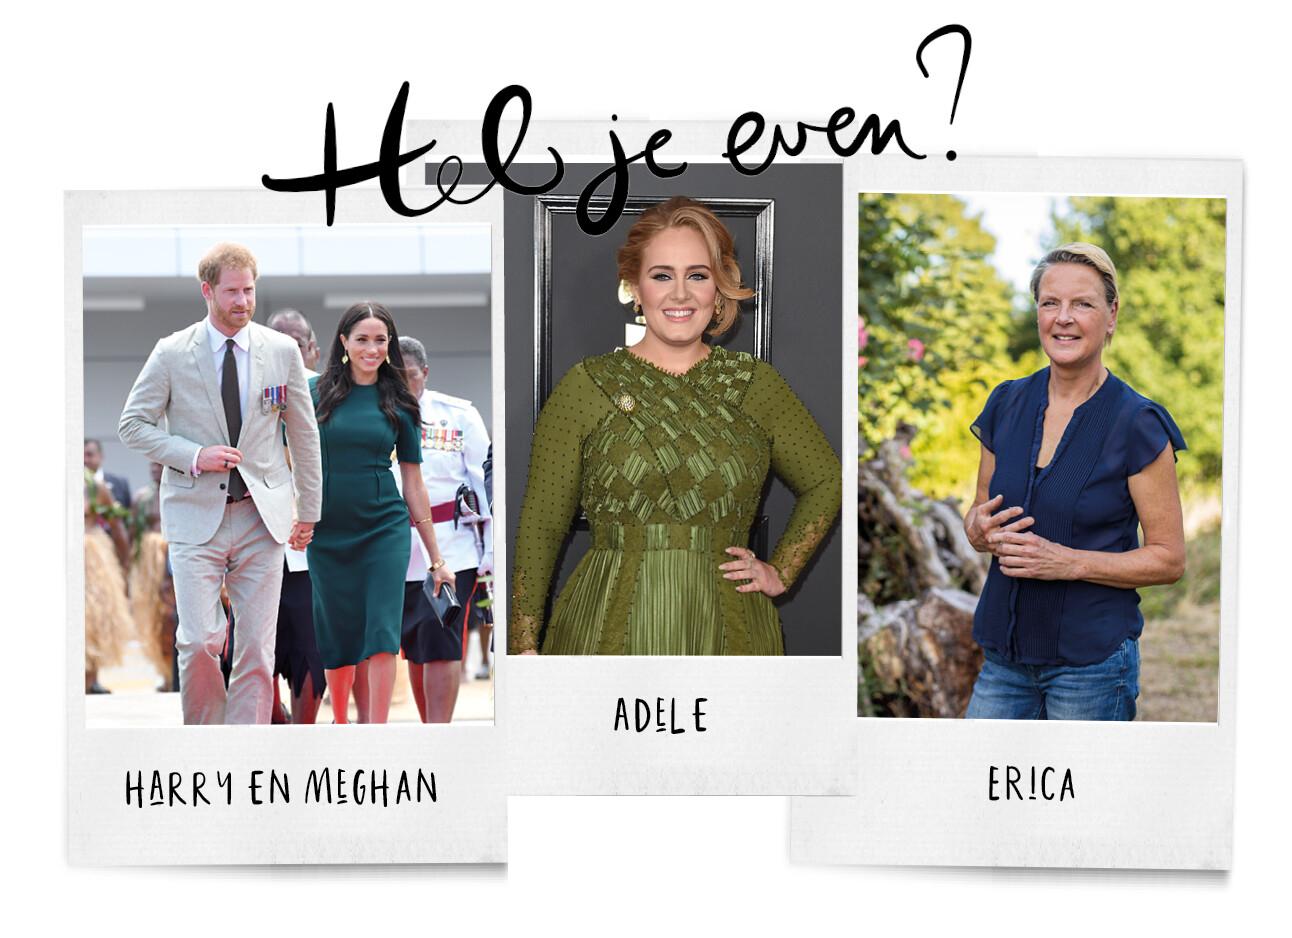 Harry en meghan, Adele en Erica meiland